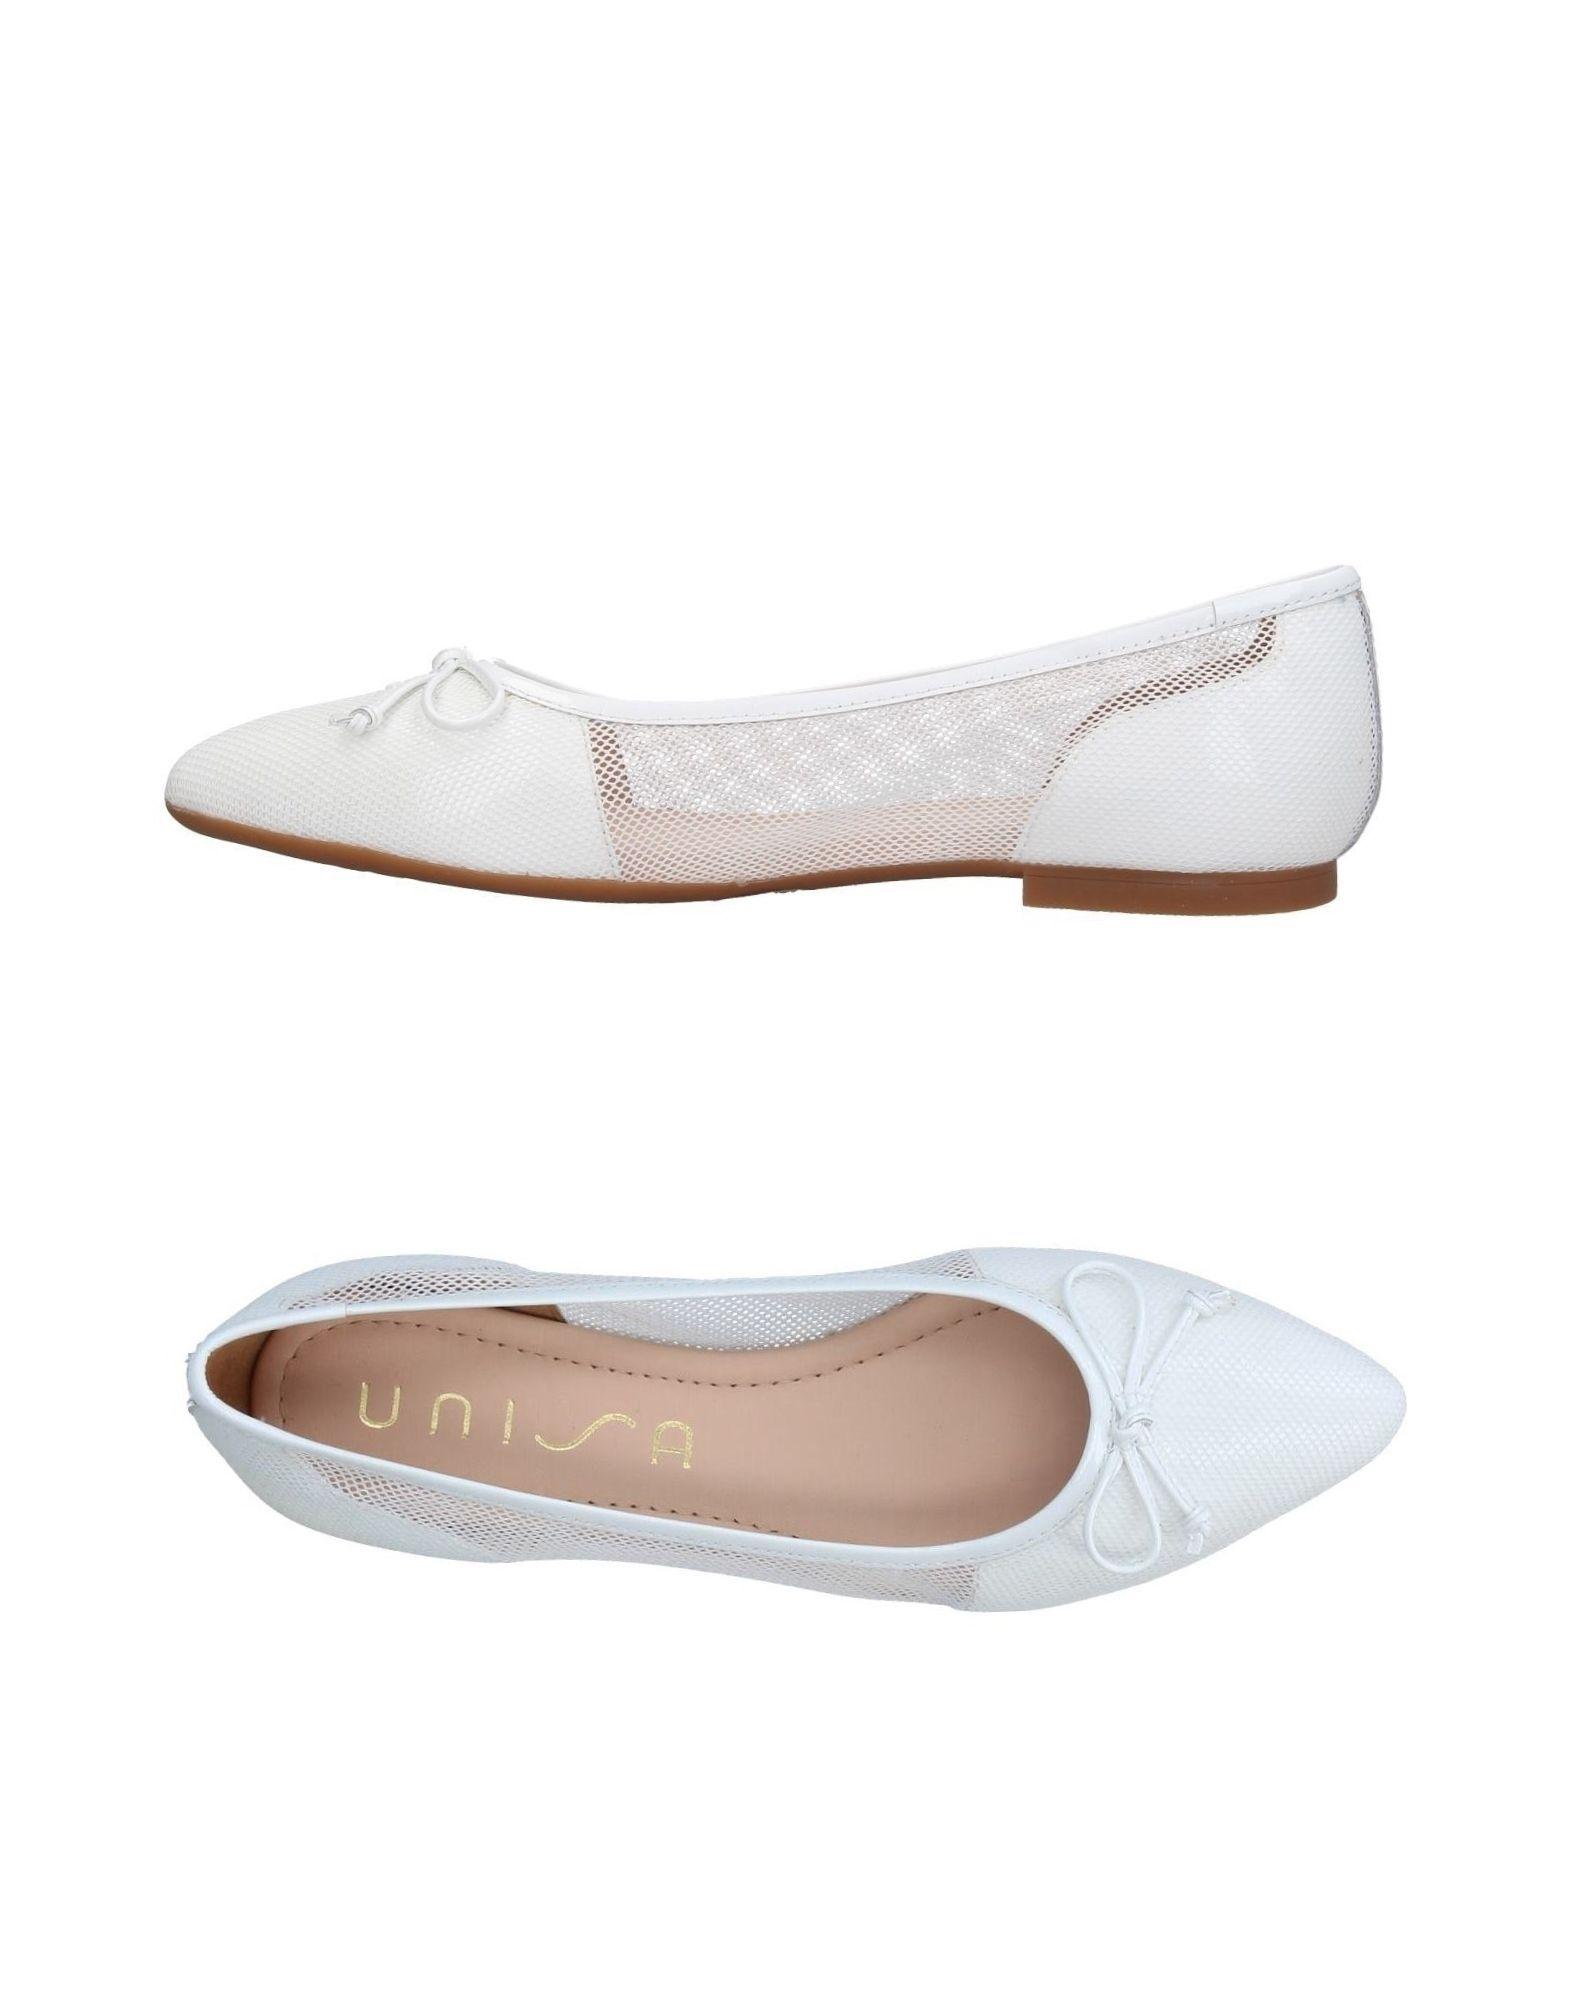 Ballerine Unisa Donna - 11364976VQ Scarpe economiche e buone